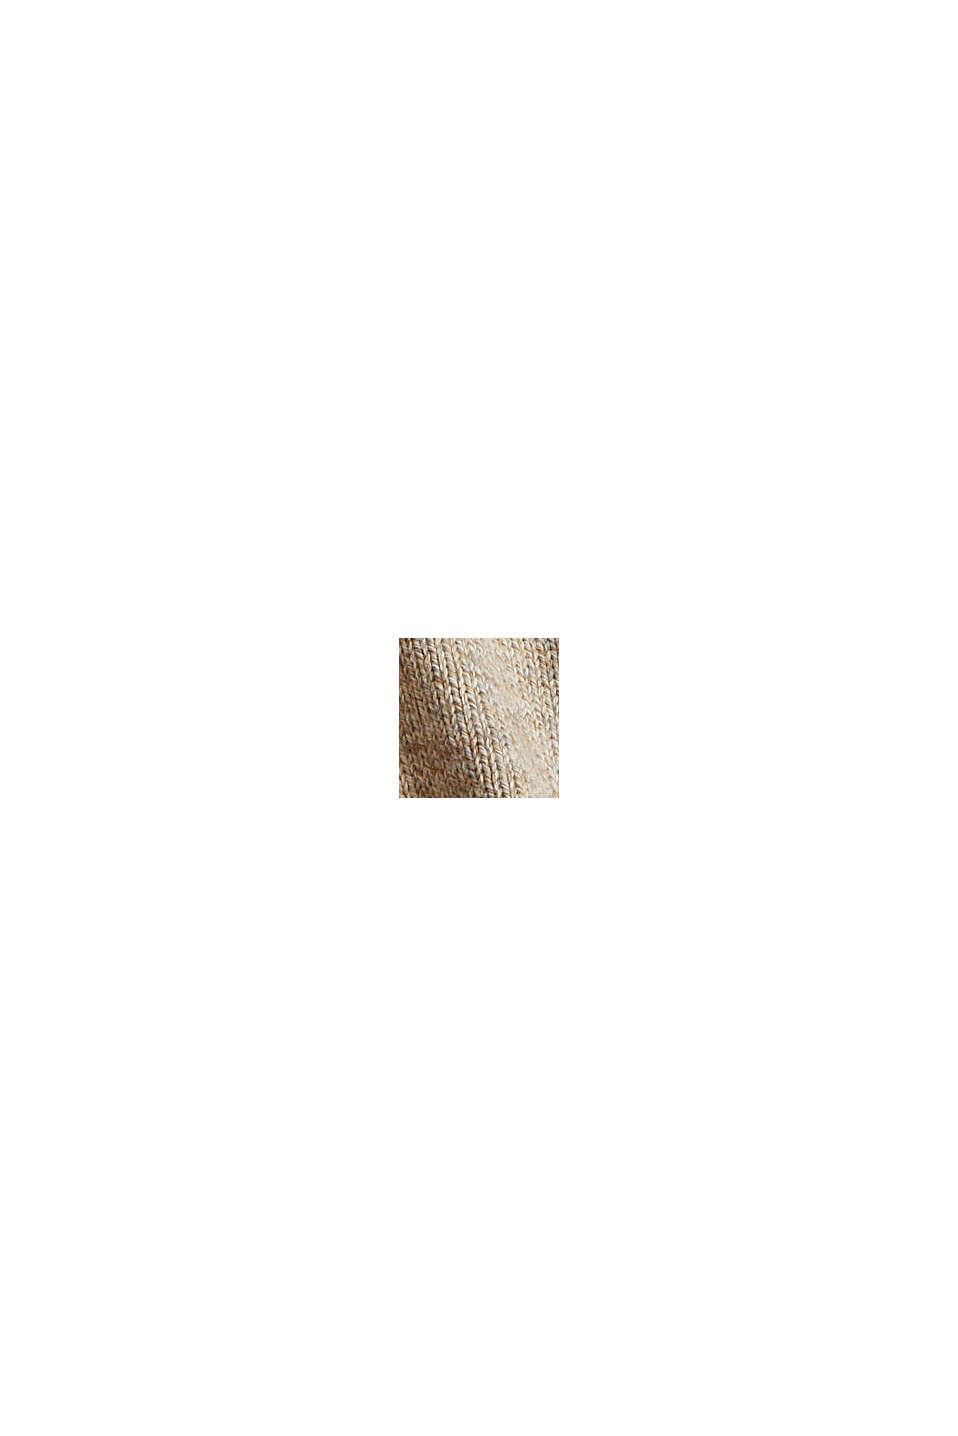 Pull-over chiné en coton biologique, BEIGE, swatch